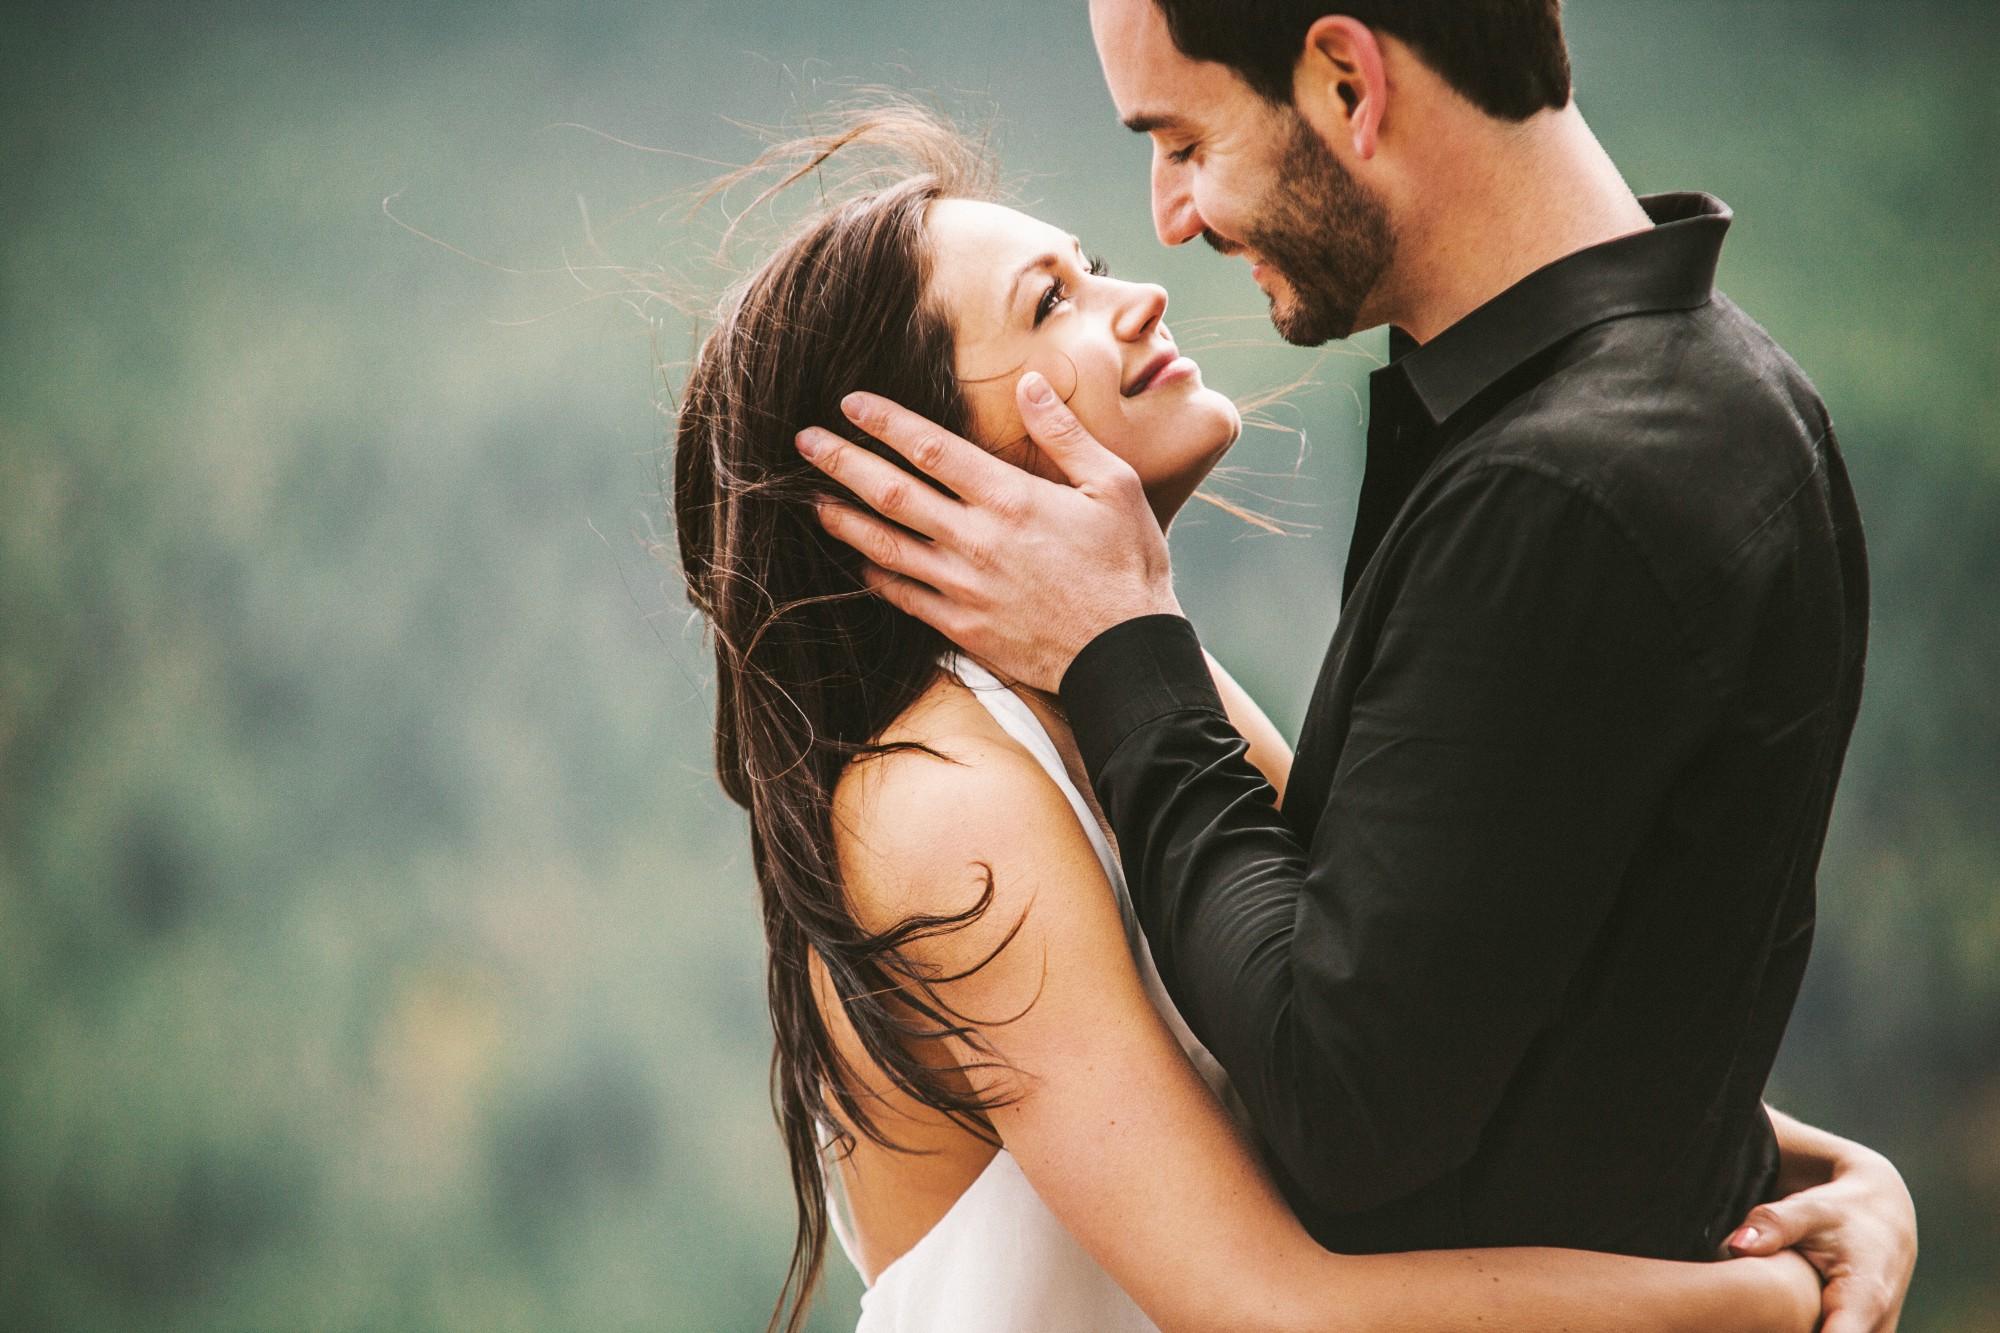 Гадание на имя будущей жены — а вы уже знаете, как зовут вашу суженую?